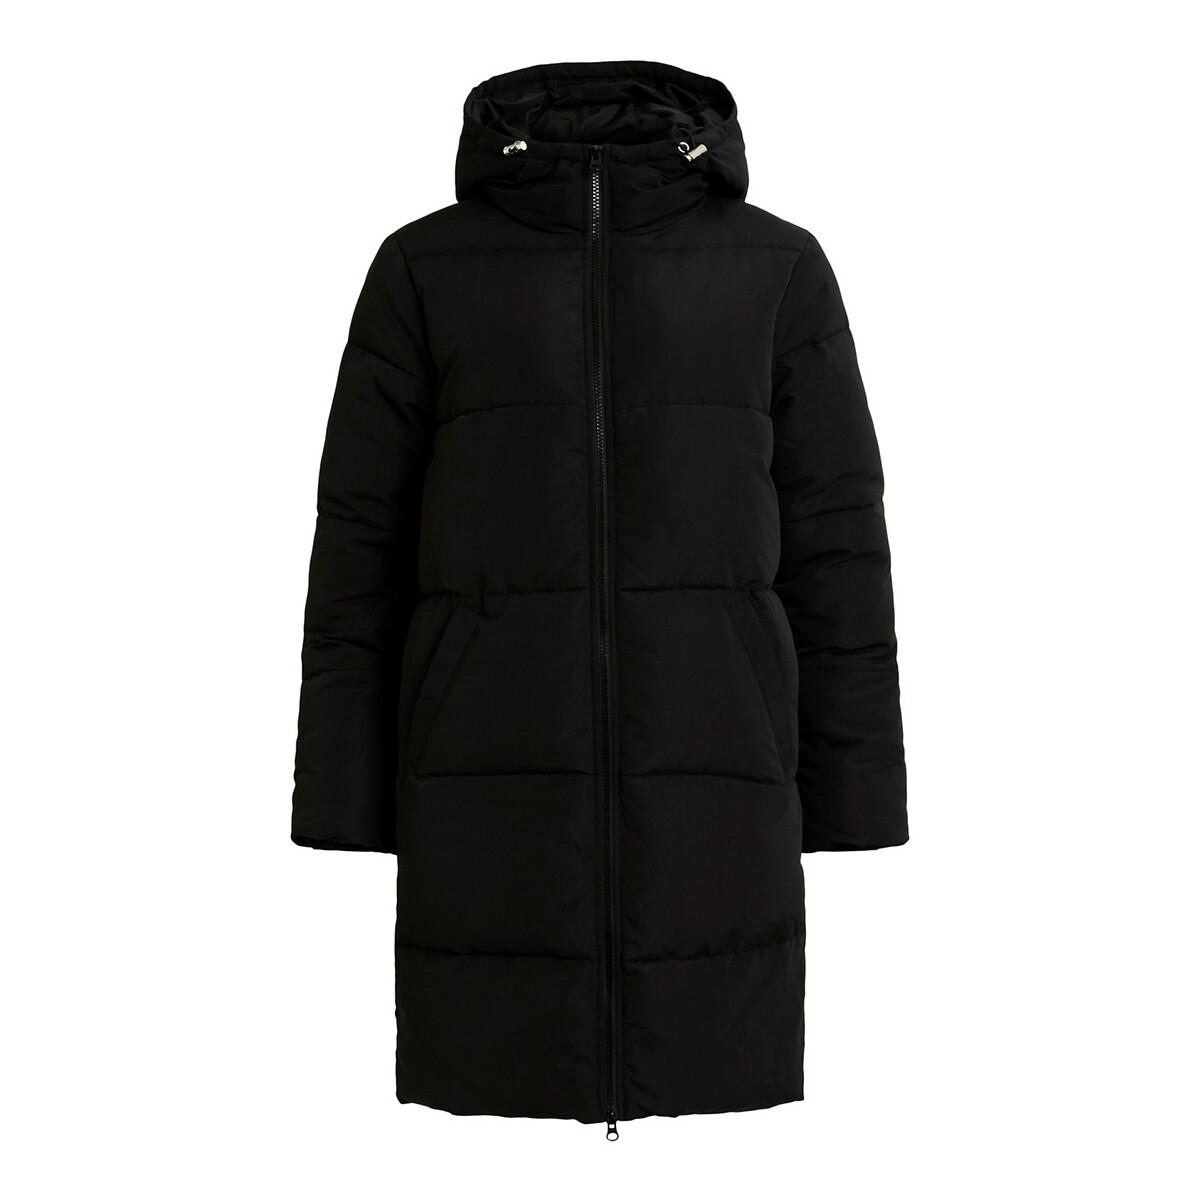 Куртка LaRedoute Стеганая длинная с капюшоном на молнии 36 (FR) - 42 (RUS) черный куртка la redoute стеганая на молнии с капюшоном idaho 2 3xl синий